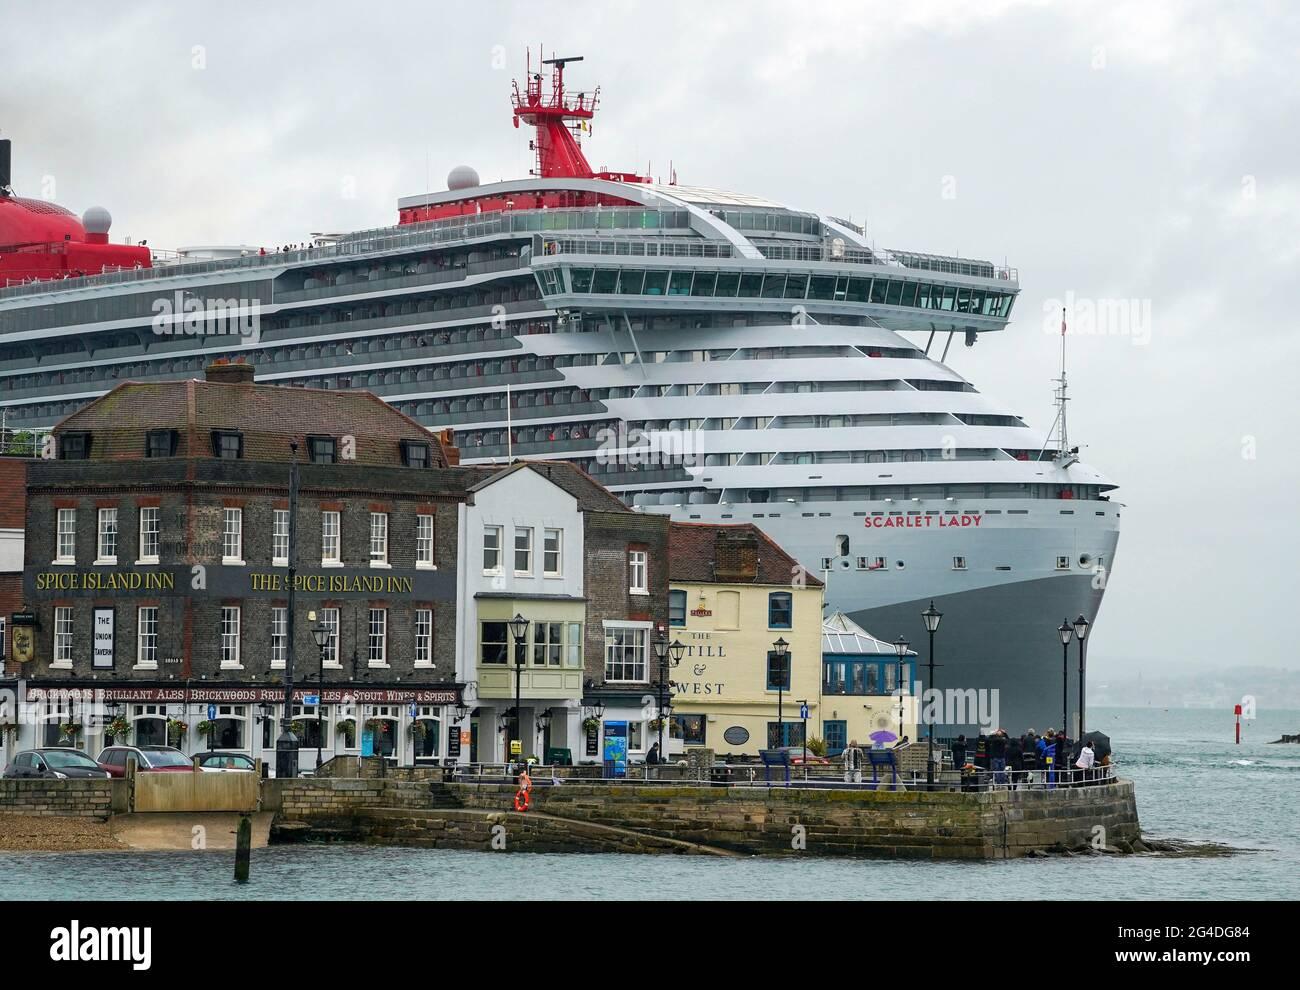 La lussuosa nave da crociera Scarlet Lady di Virgin Voyage arriva a Portsmouth per la prima volta. La nave da 110,000 tonnellate è la più grande nave che abbia mai attraccato in città, più grande di entrambe le portaerei della Royal Navy. Data immagine: Lunedì 21 giugno 2021. Foto Stock